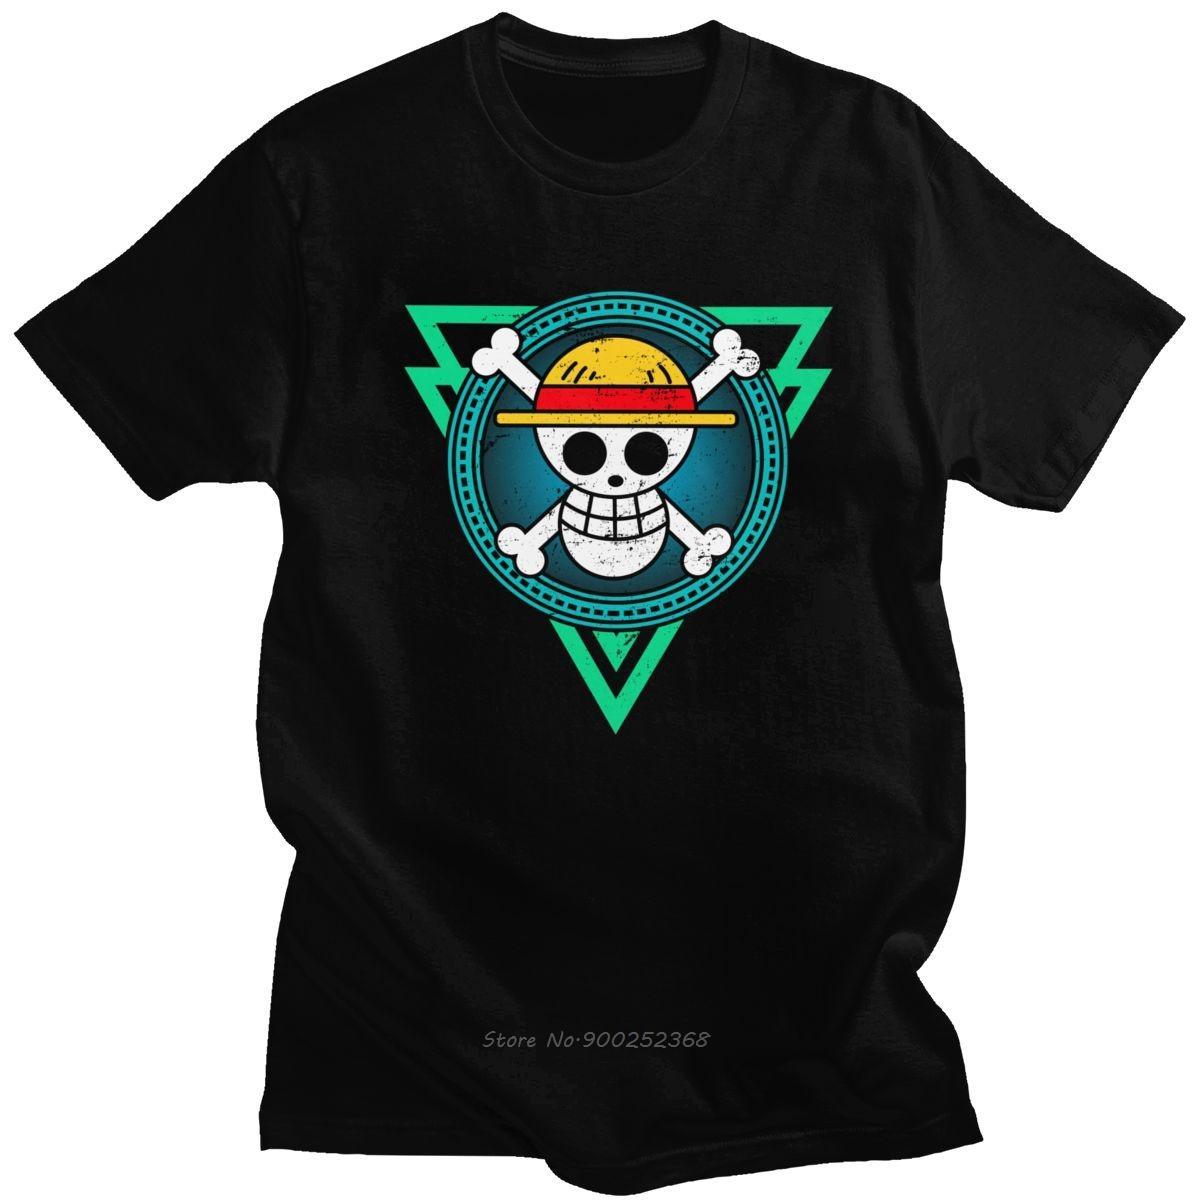 Classique One Piece Anime T-shirt pour les hommes O cou à manches courtes Straw Hat Pirates Skull Casual T-shirt de coton Slim Fit Tee Harajuku